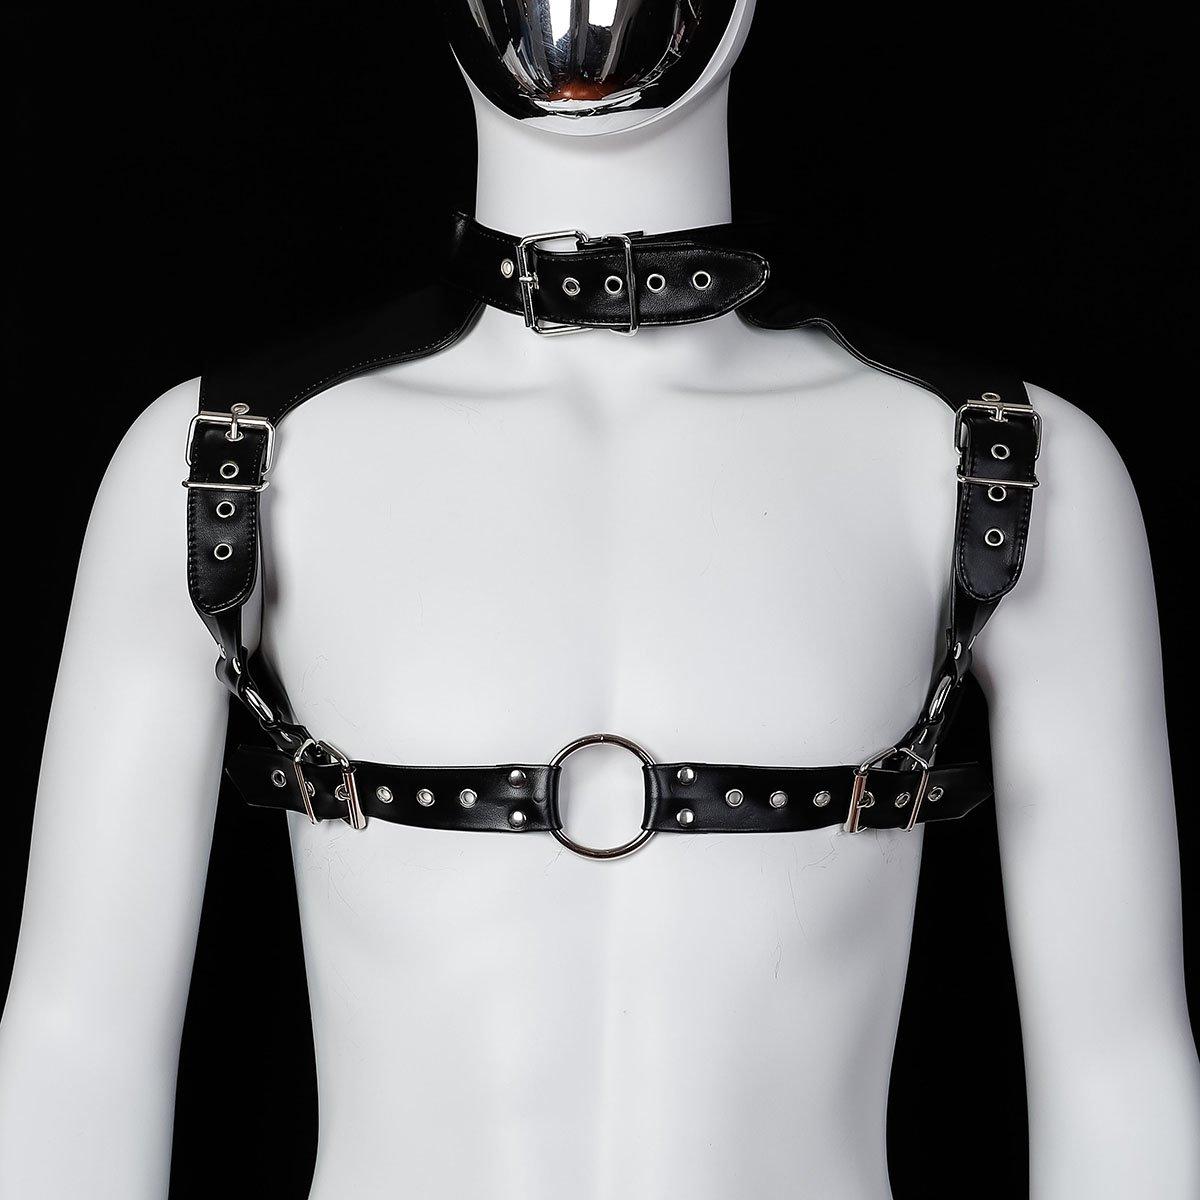 Foto van Banoch - Chest collar harness Raigel - imitatie leer harnas voor man